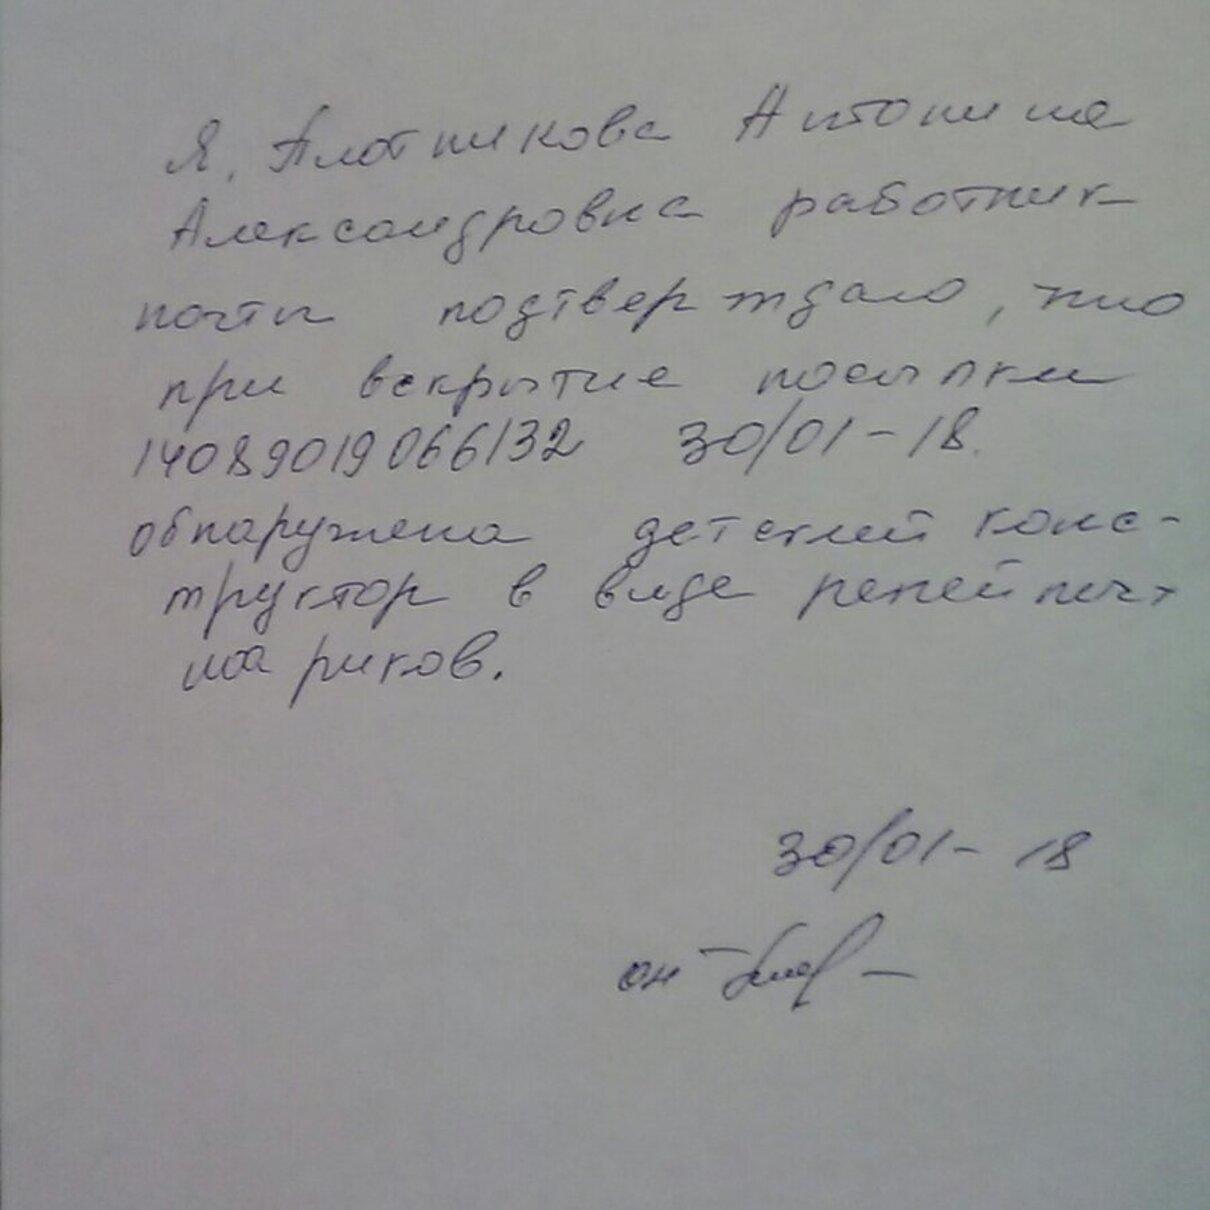 """Жалоба-отзыв: ООО """"Солекс"""" - Интернет-мошенничество. Пришел не тот товар.  Фото №2"""